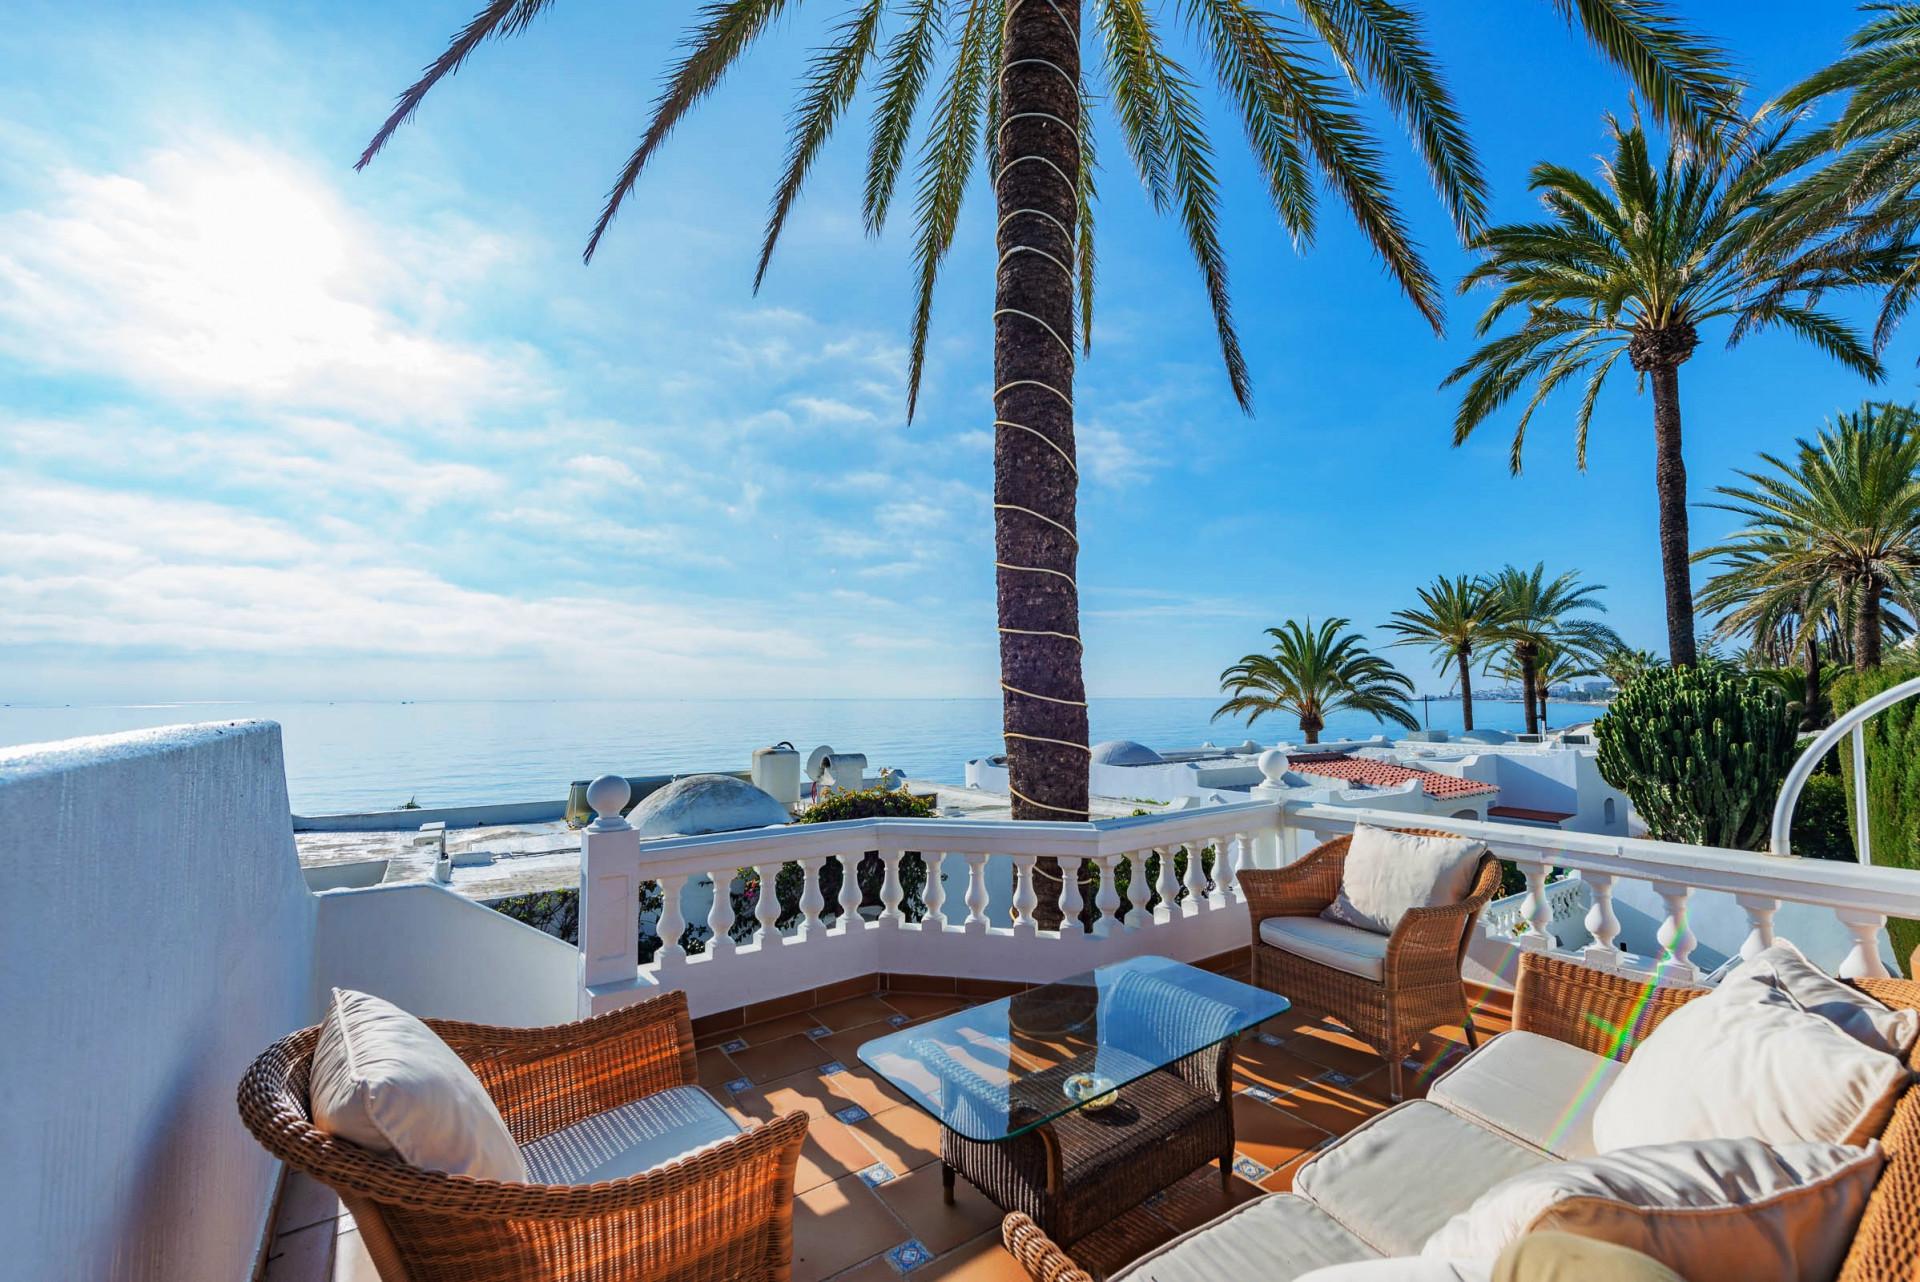 ARFV2142 - Luxuriöses Doppelhaus mit Meerblick direkt am Strand an der Goldenen Meile von Marbella